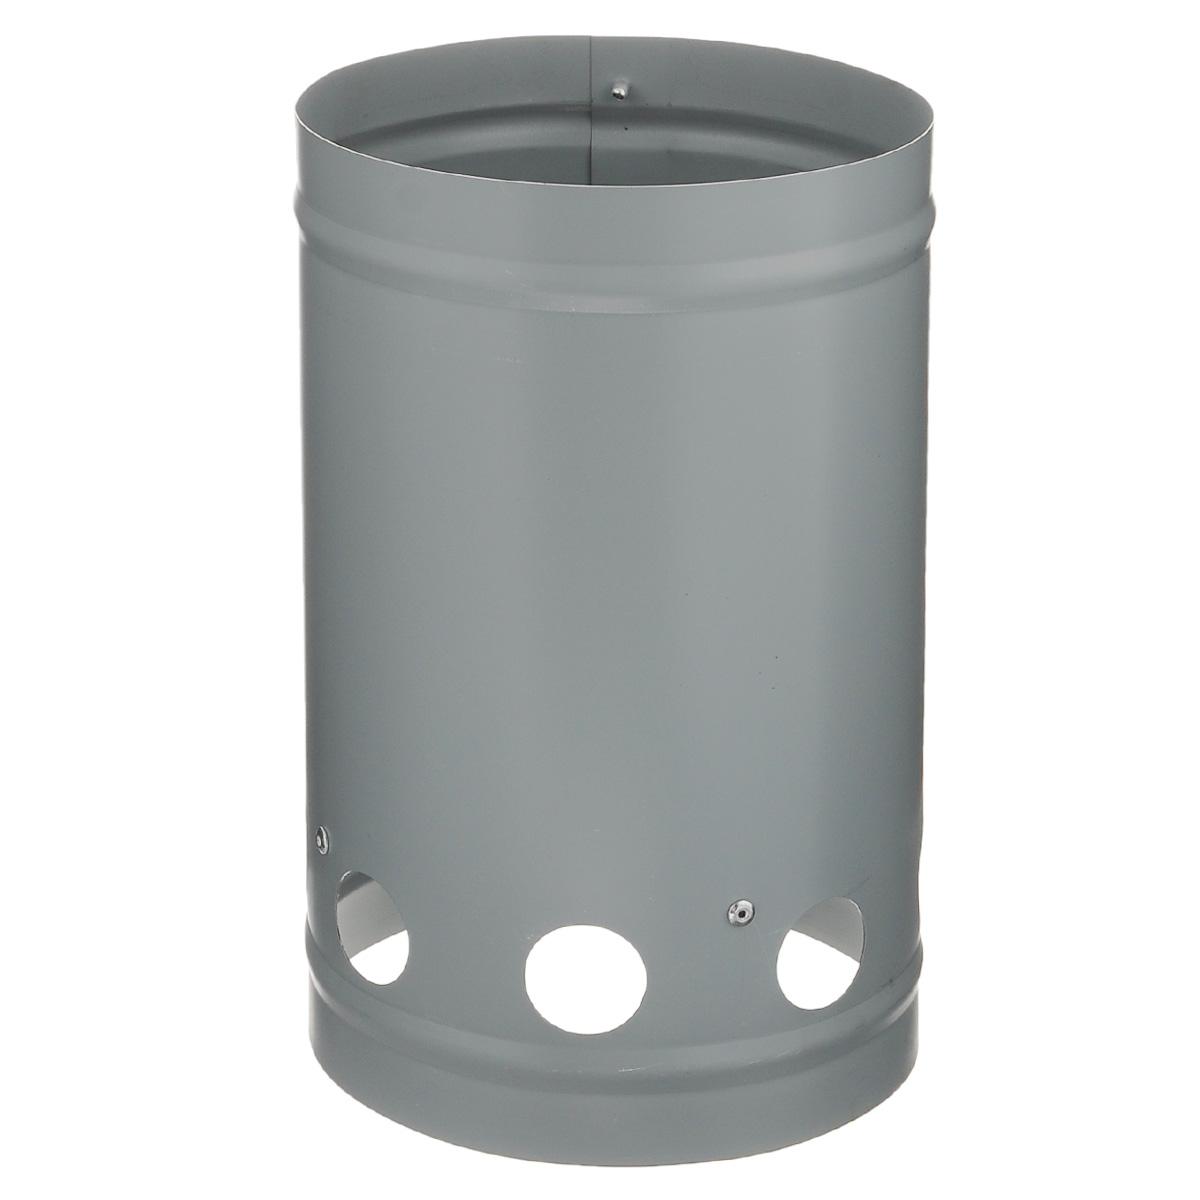 Емкость для розжига углей Premier, 17 х 28 смBA081067Емкость Premier заполняется углем, обкладывается бумагой и поджигается. Готовность углей для использования определяется по внешнему виду: они должны раскалиться докрасна и покрыться пеплом. Тогда их можно пересыпать в мангал.